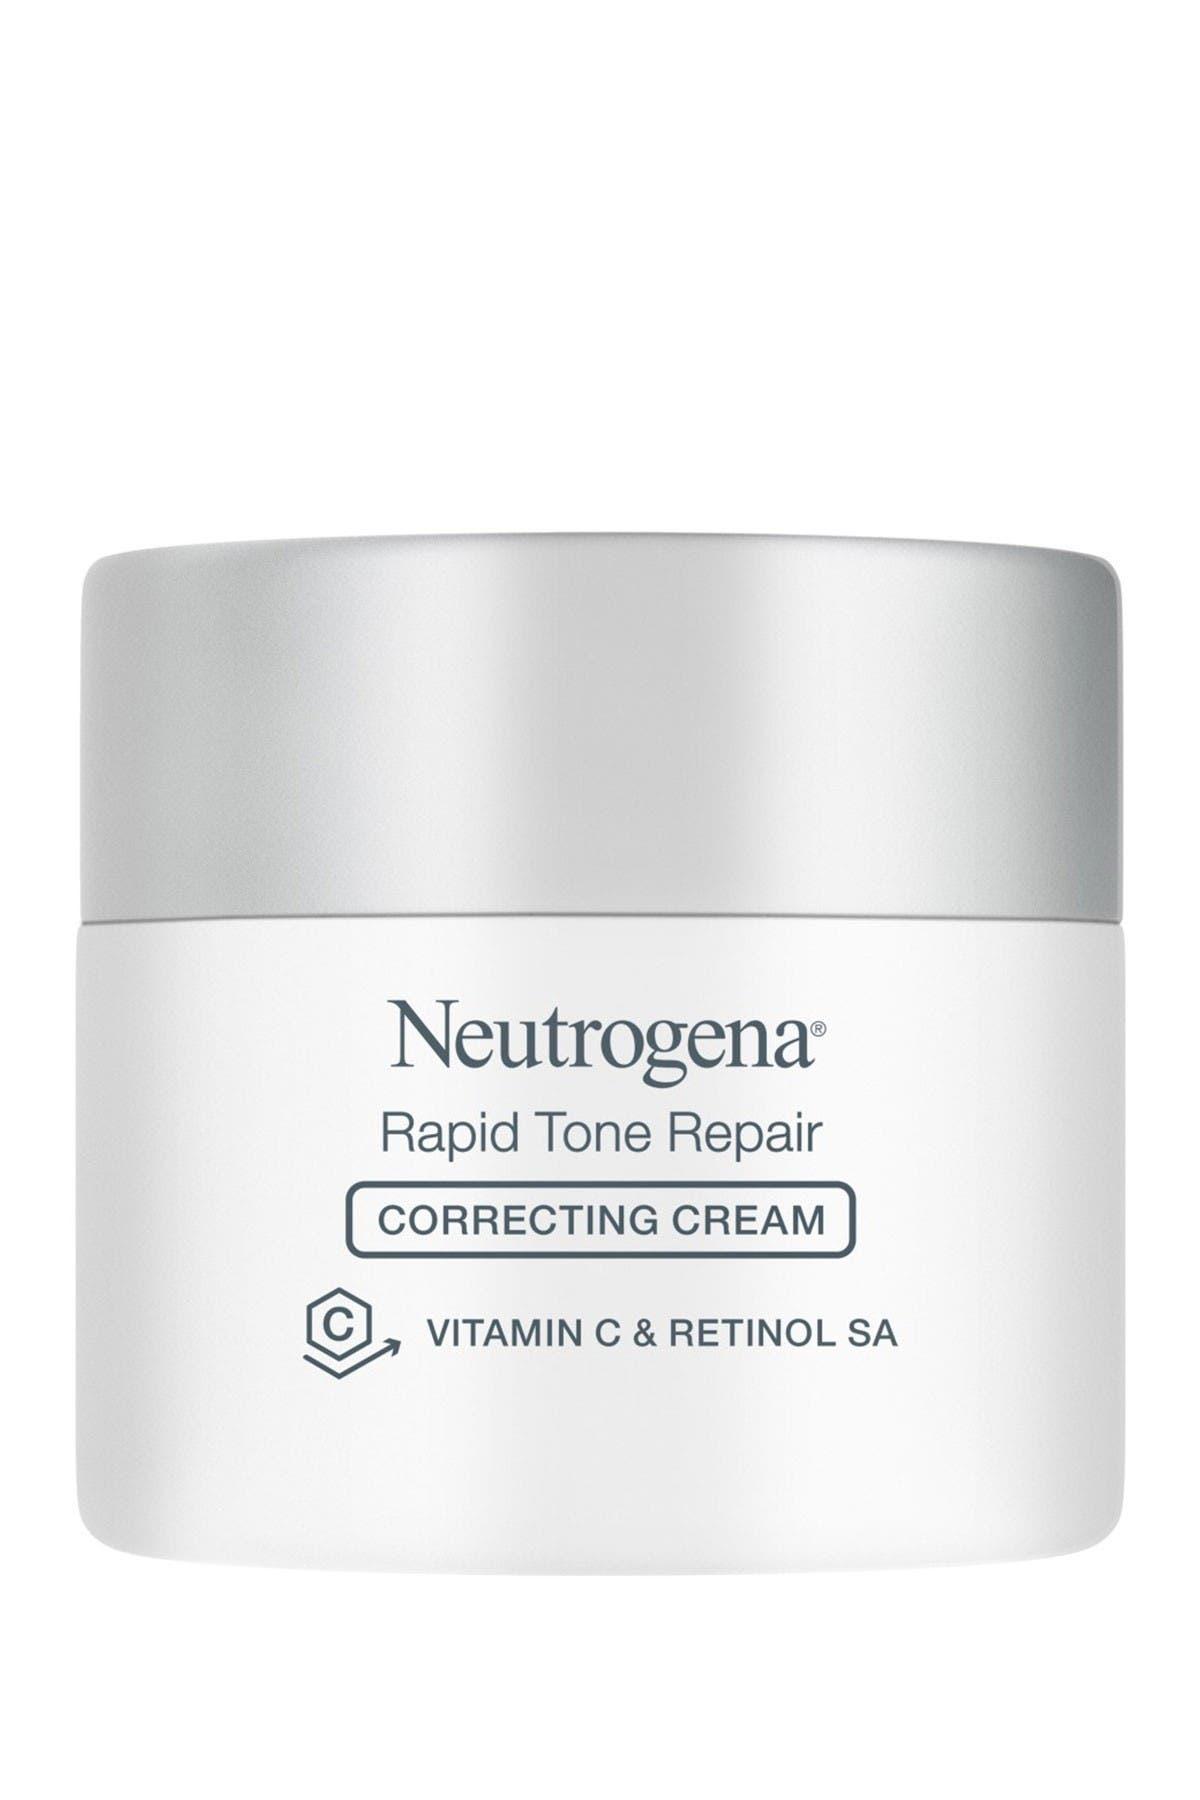 Image of Neutrogena Rapid Tone Repair Vitamin C Correcting Cream - 1.7 oz.